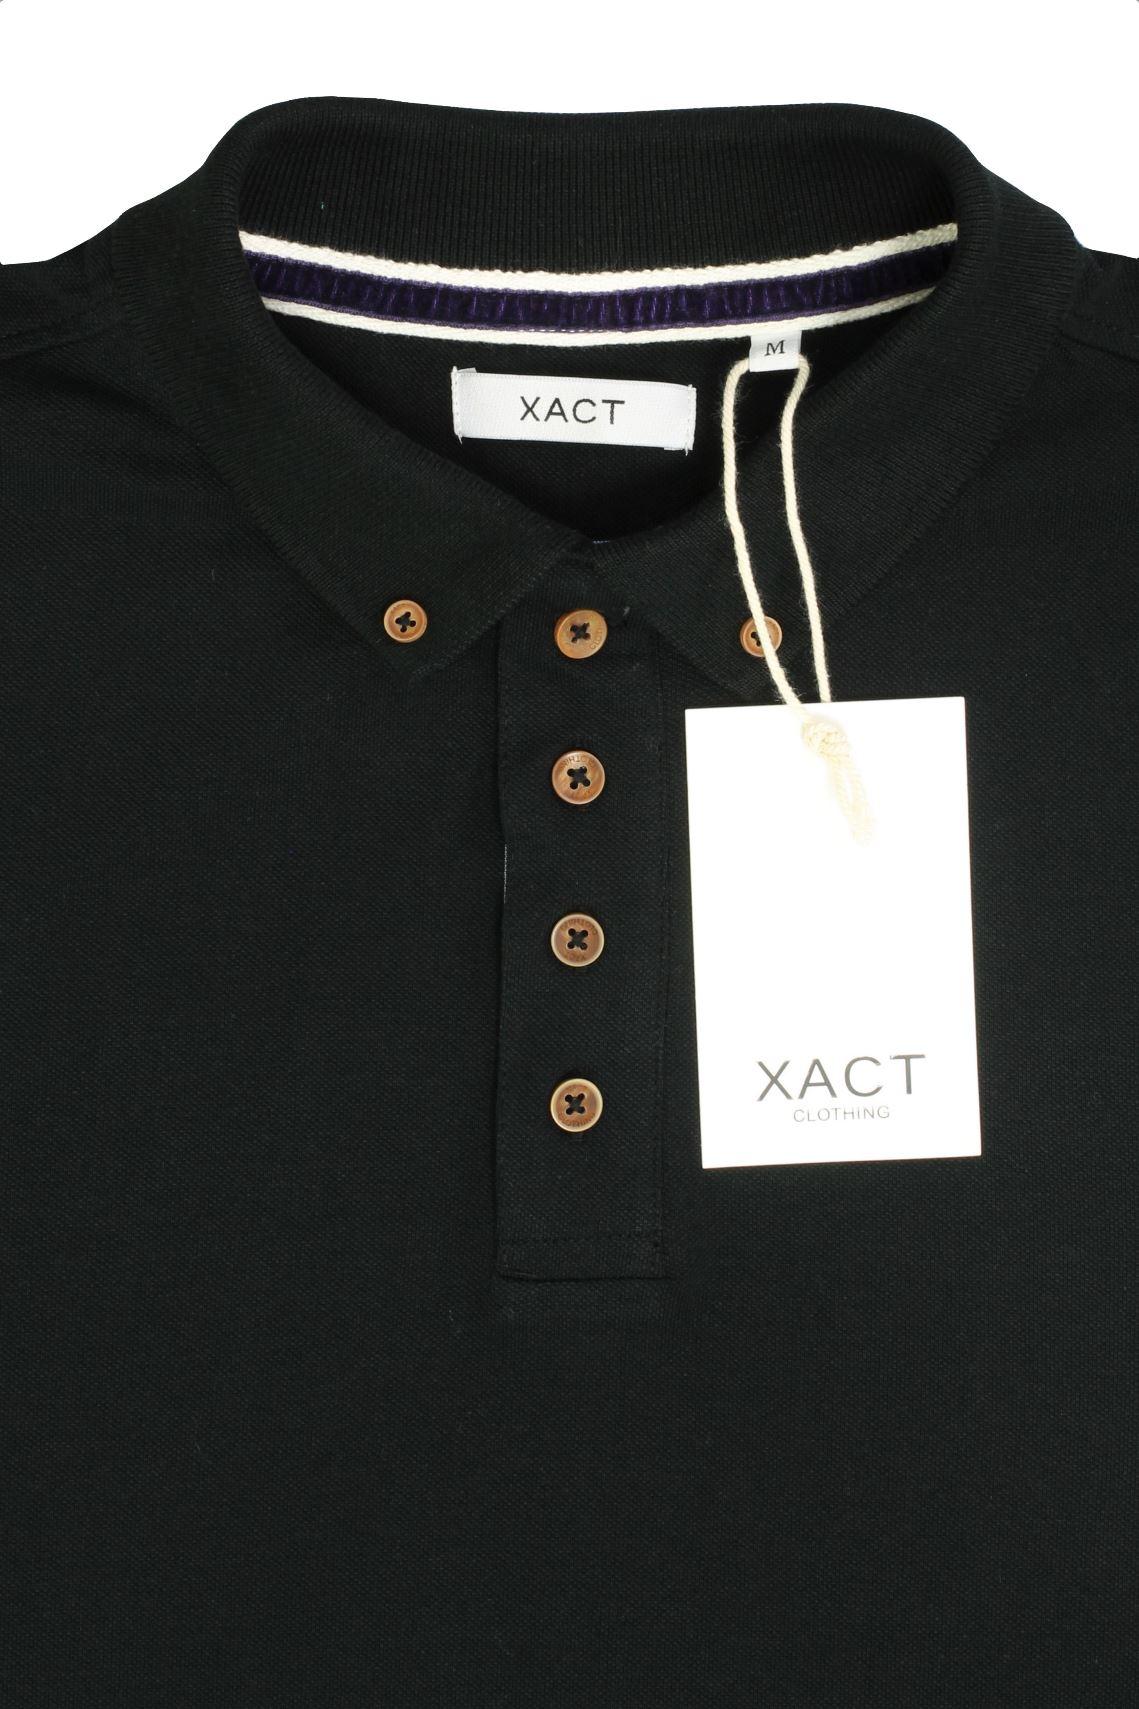 Camiseta-Polo-Para-Hombre-Por-Xact-pique-de-manga-larga miniatura 6